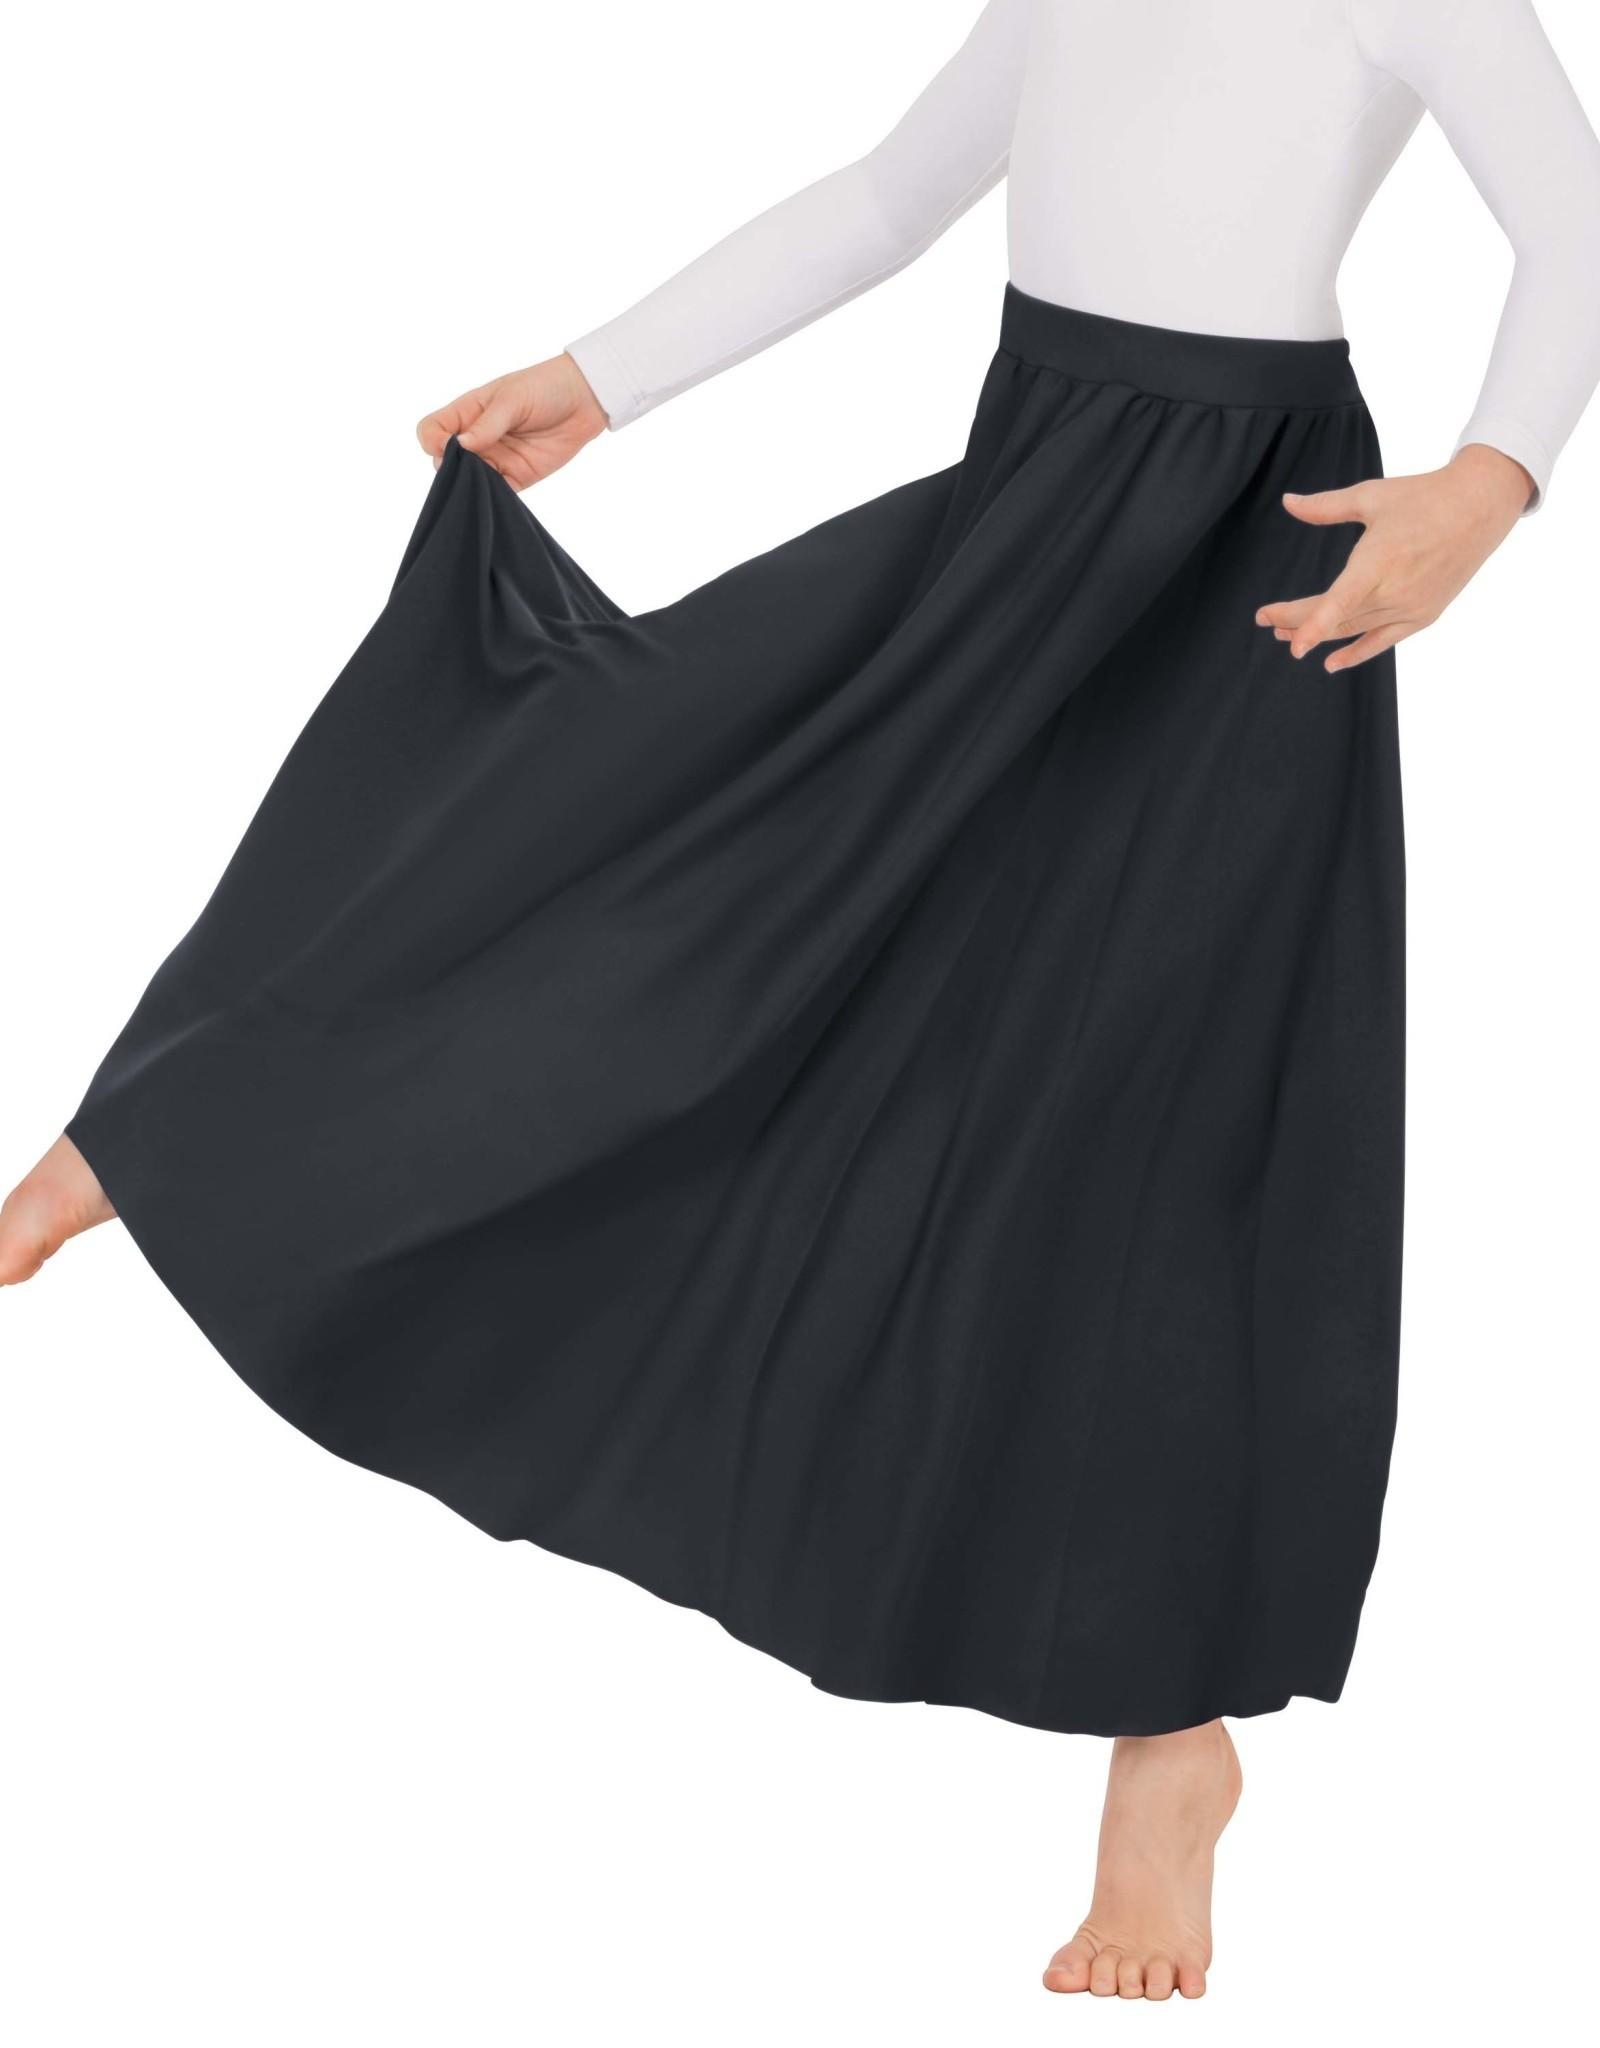 Eurotard Eurotard Lyrical Circle Skirt 13778